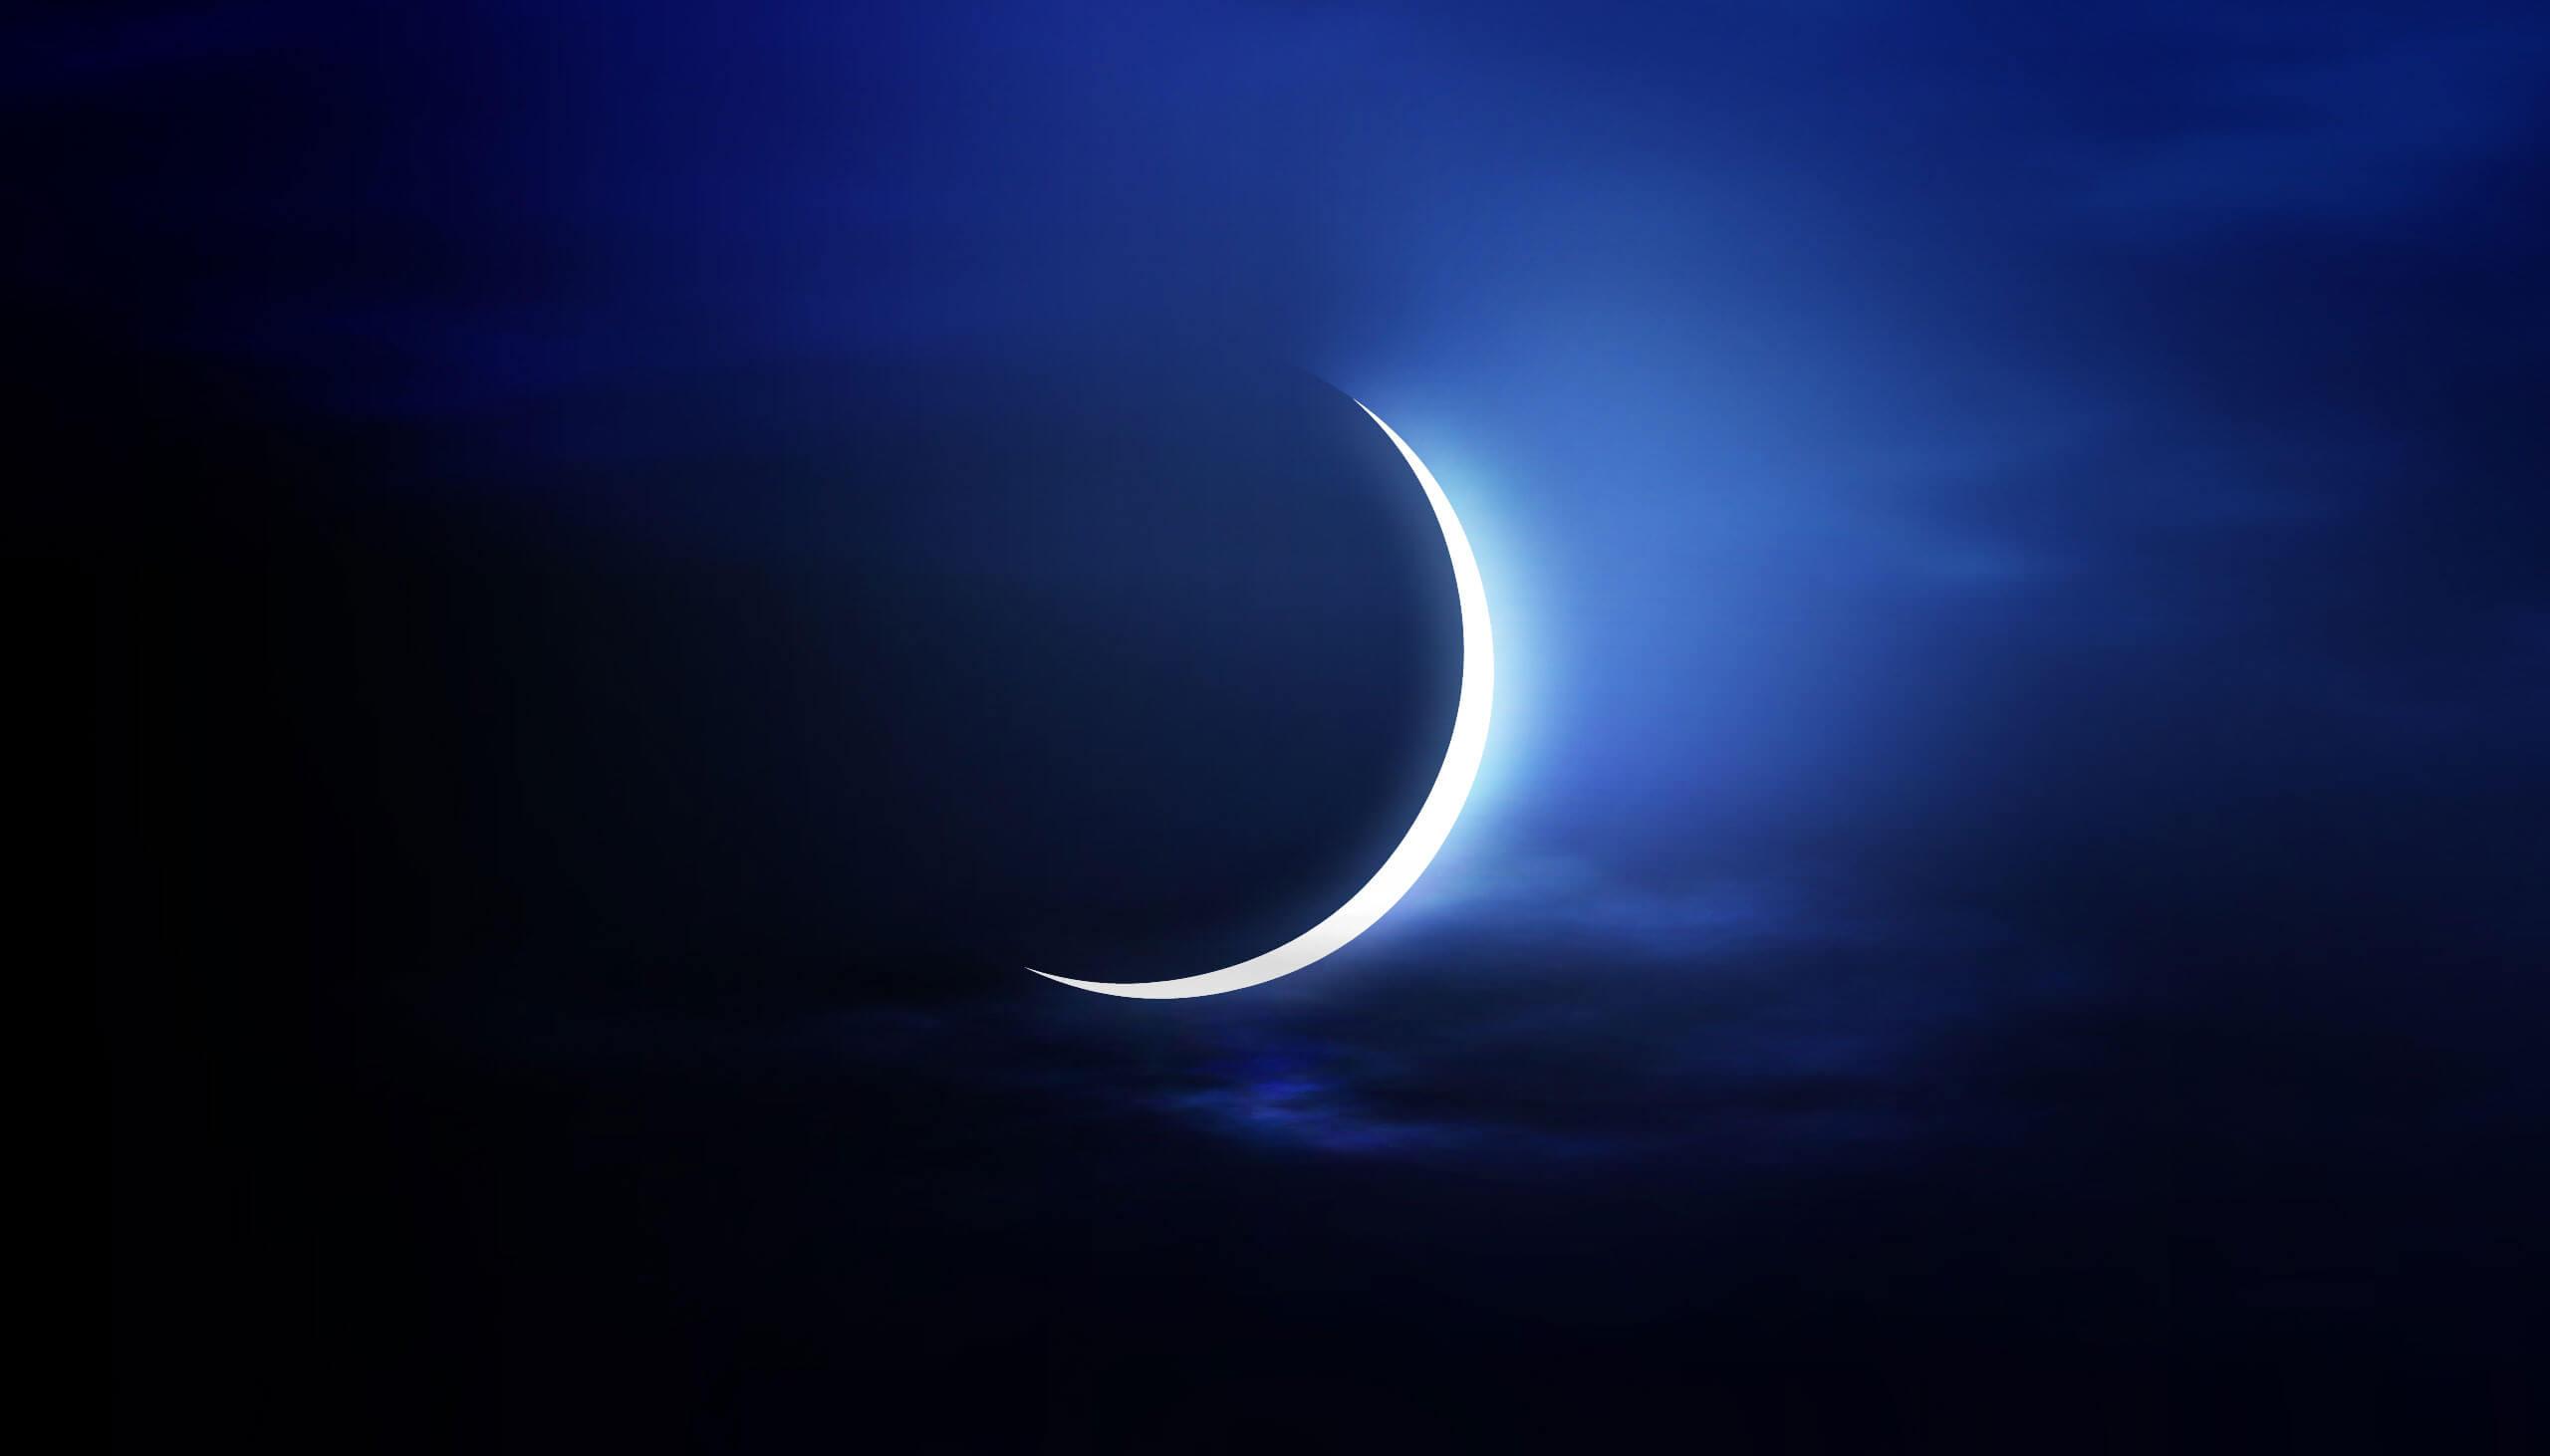 استفتا از دفتر علامه منصور هاشمی خراسانی درباره هلال ماه شوال